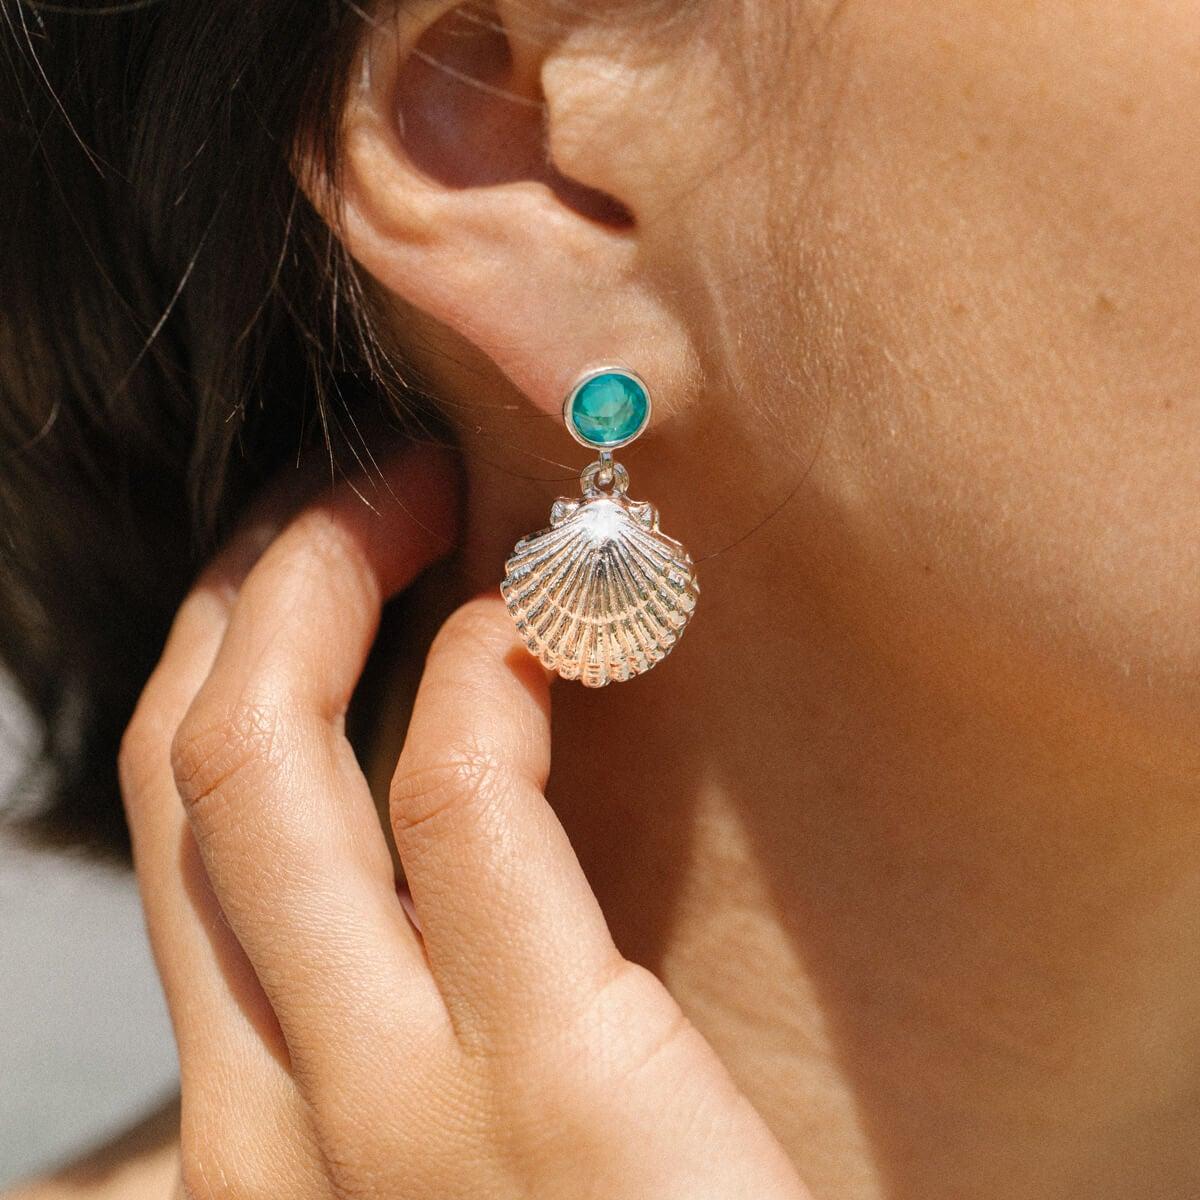 Scallop Shell sterling silver earrings .925 x 1 pair drops Shells SSLP612--HOOKS